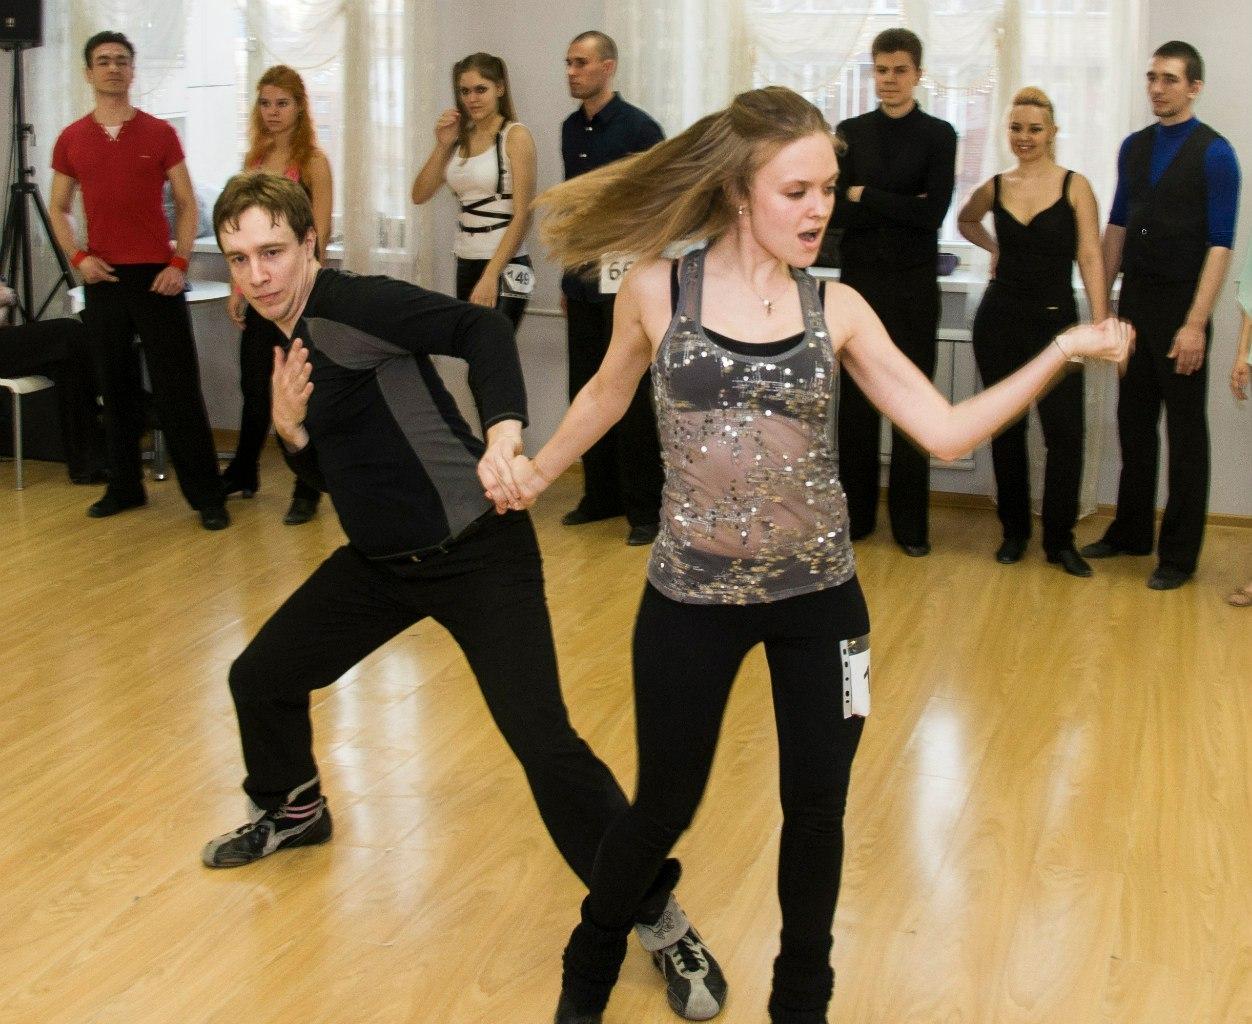 Что такое хастл, где научиться танцевать хастл и сколько это стоит в москве